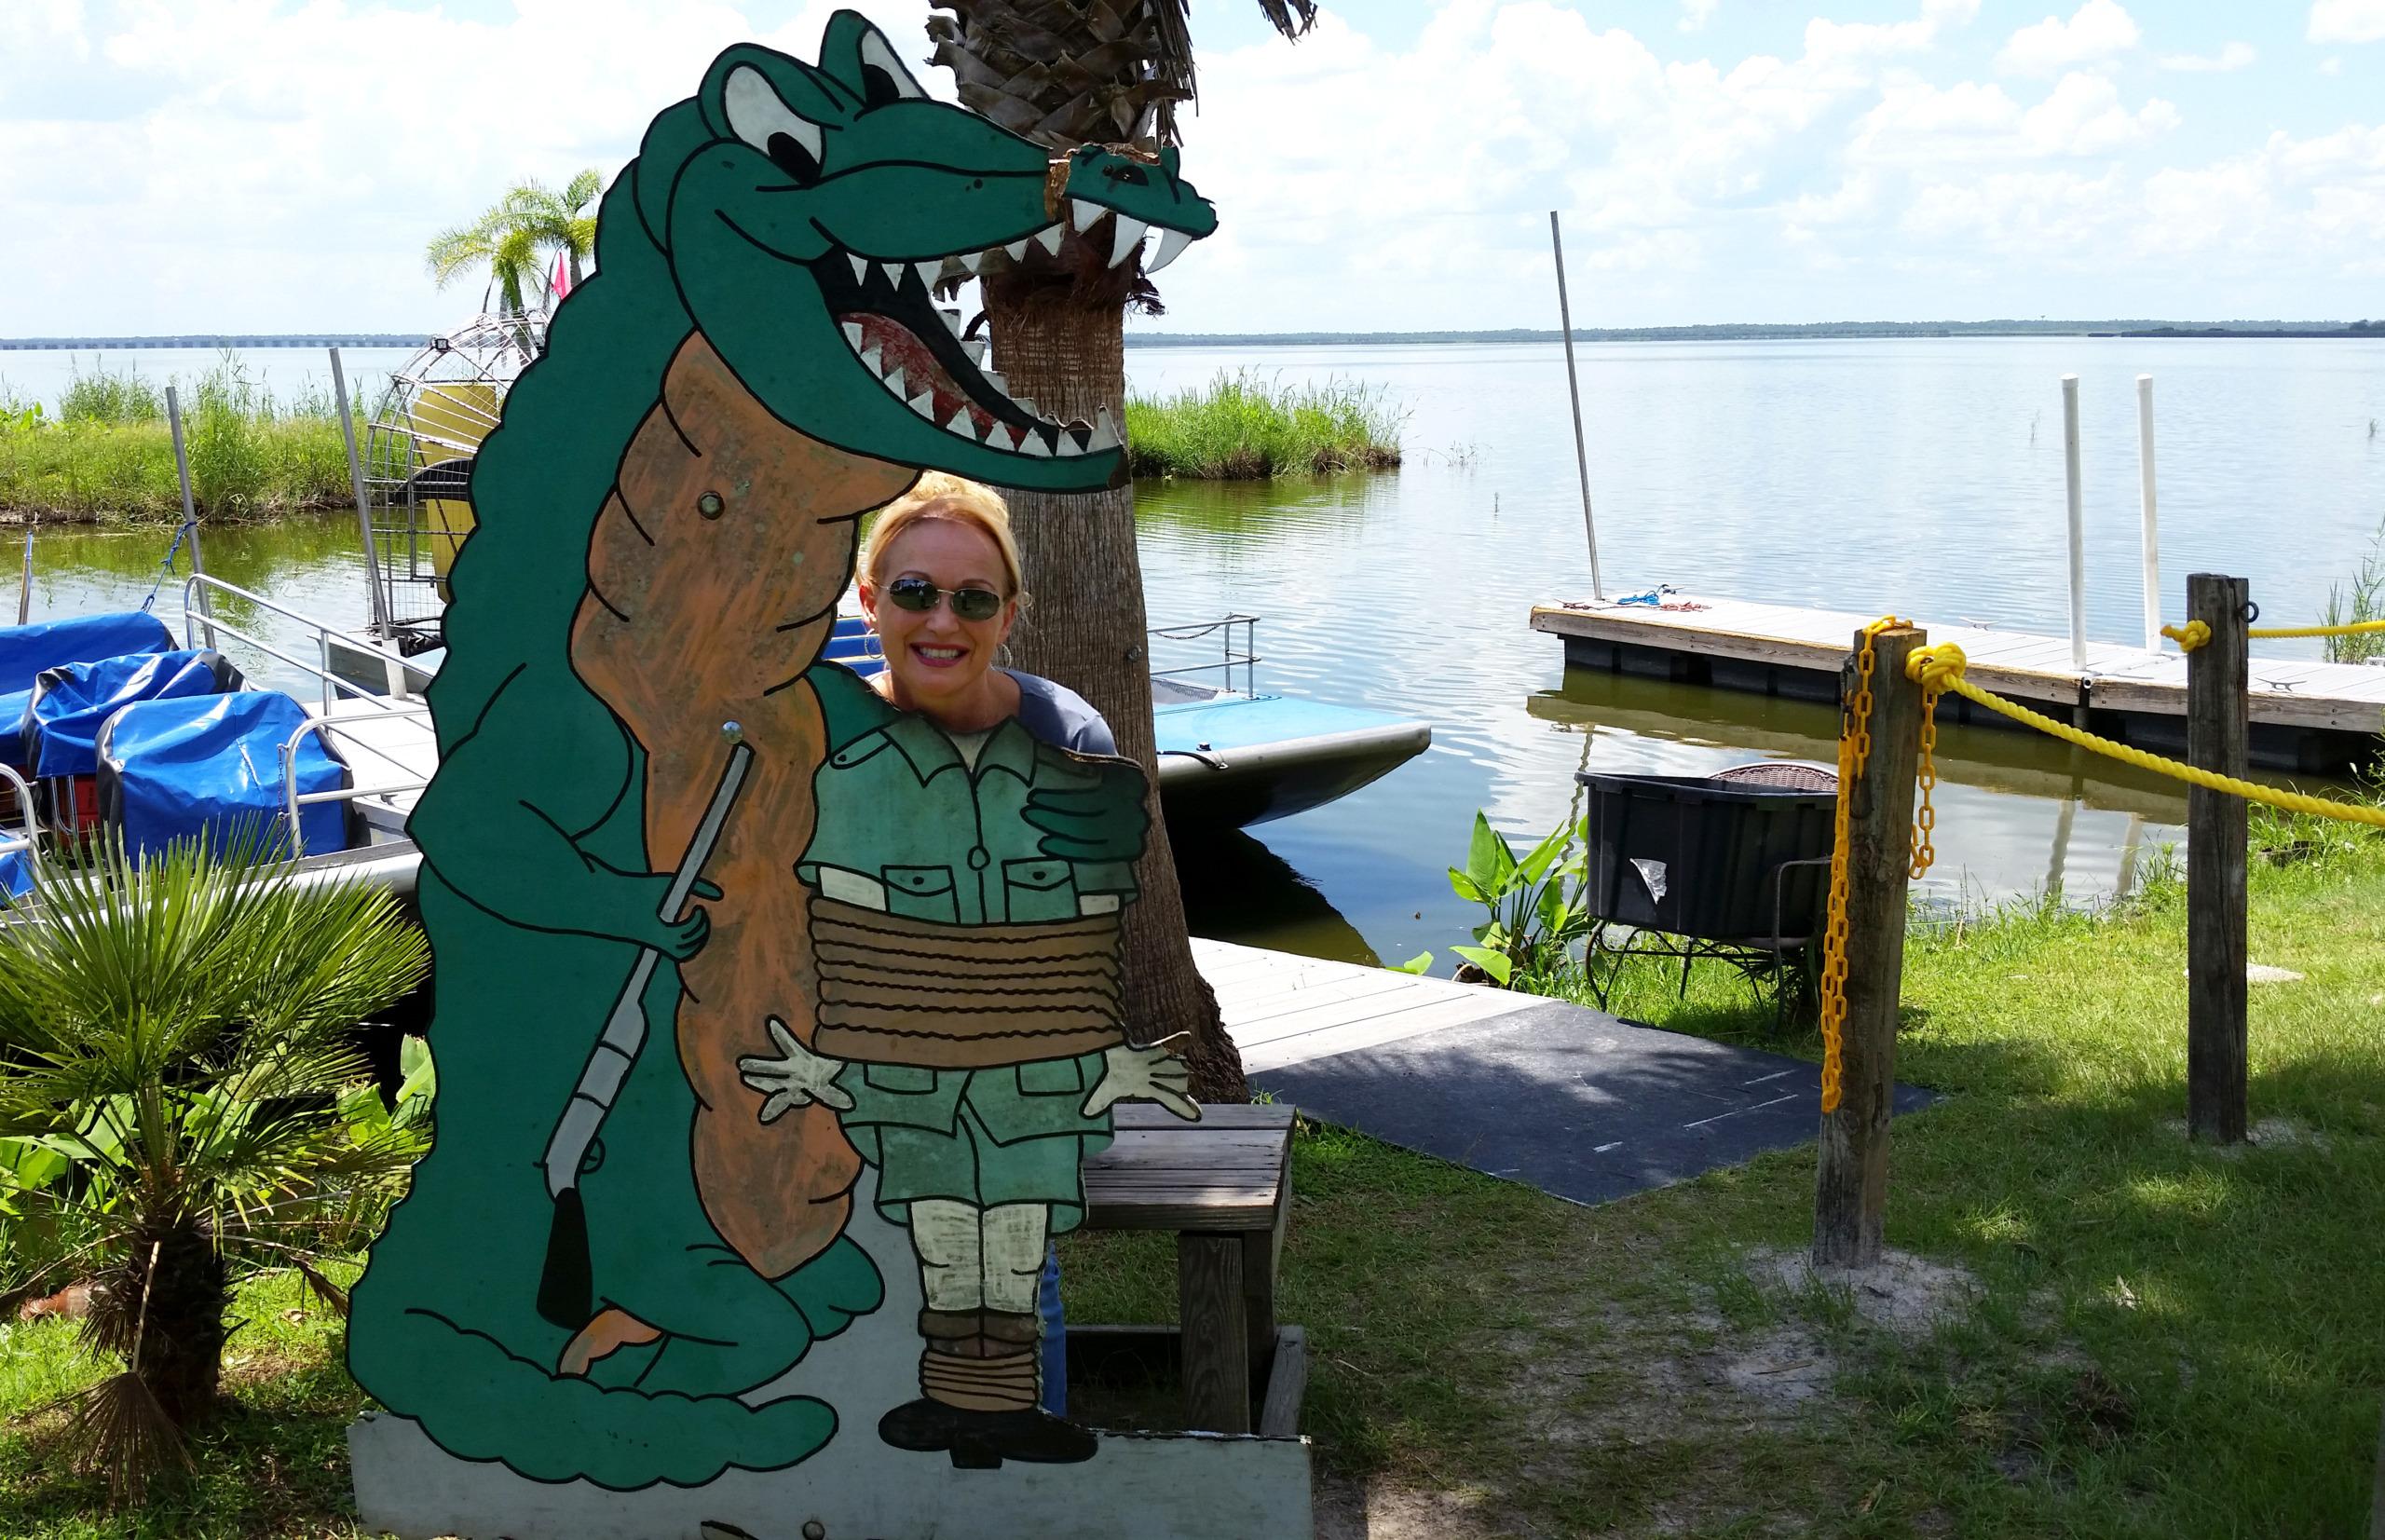 Florida's Alligator Adventure